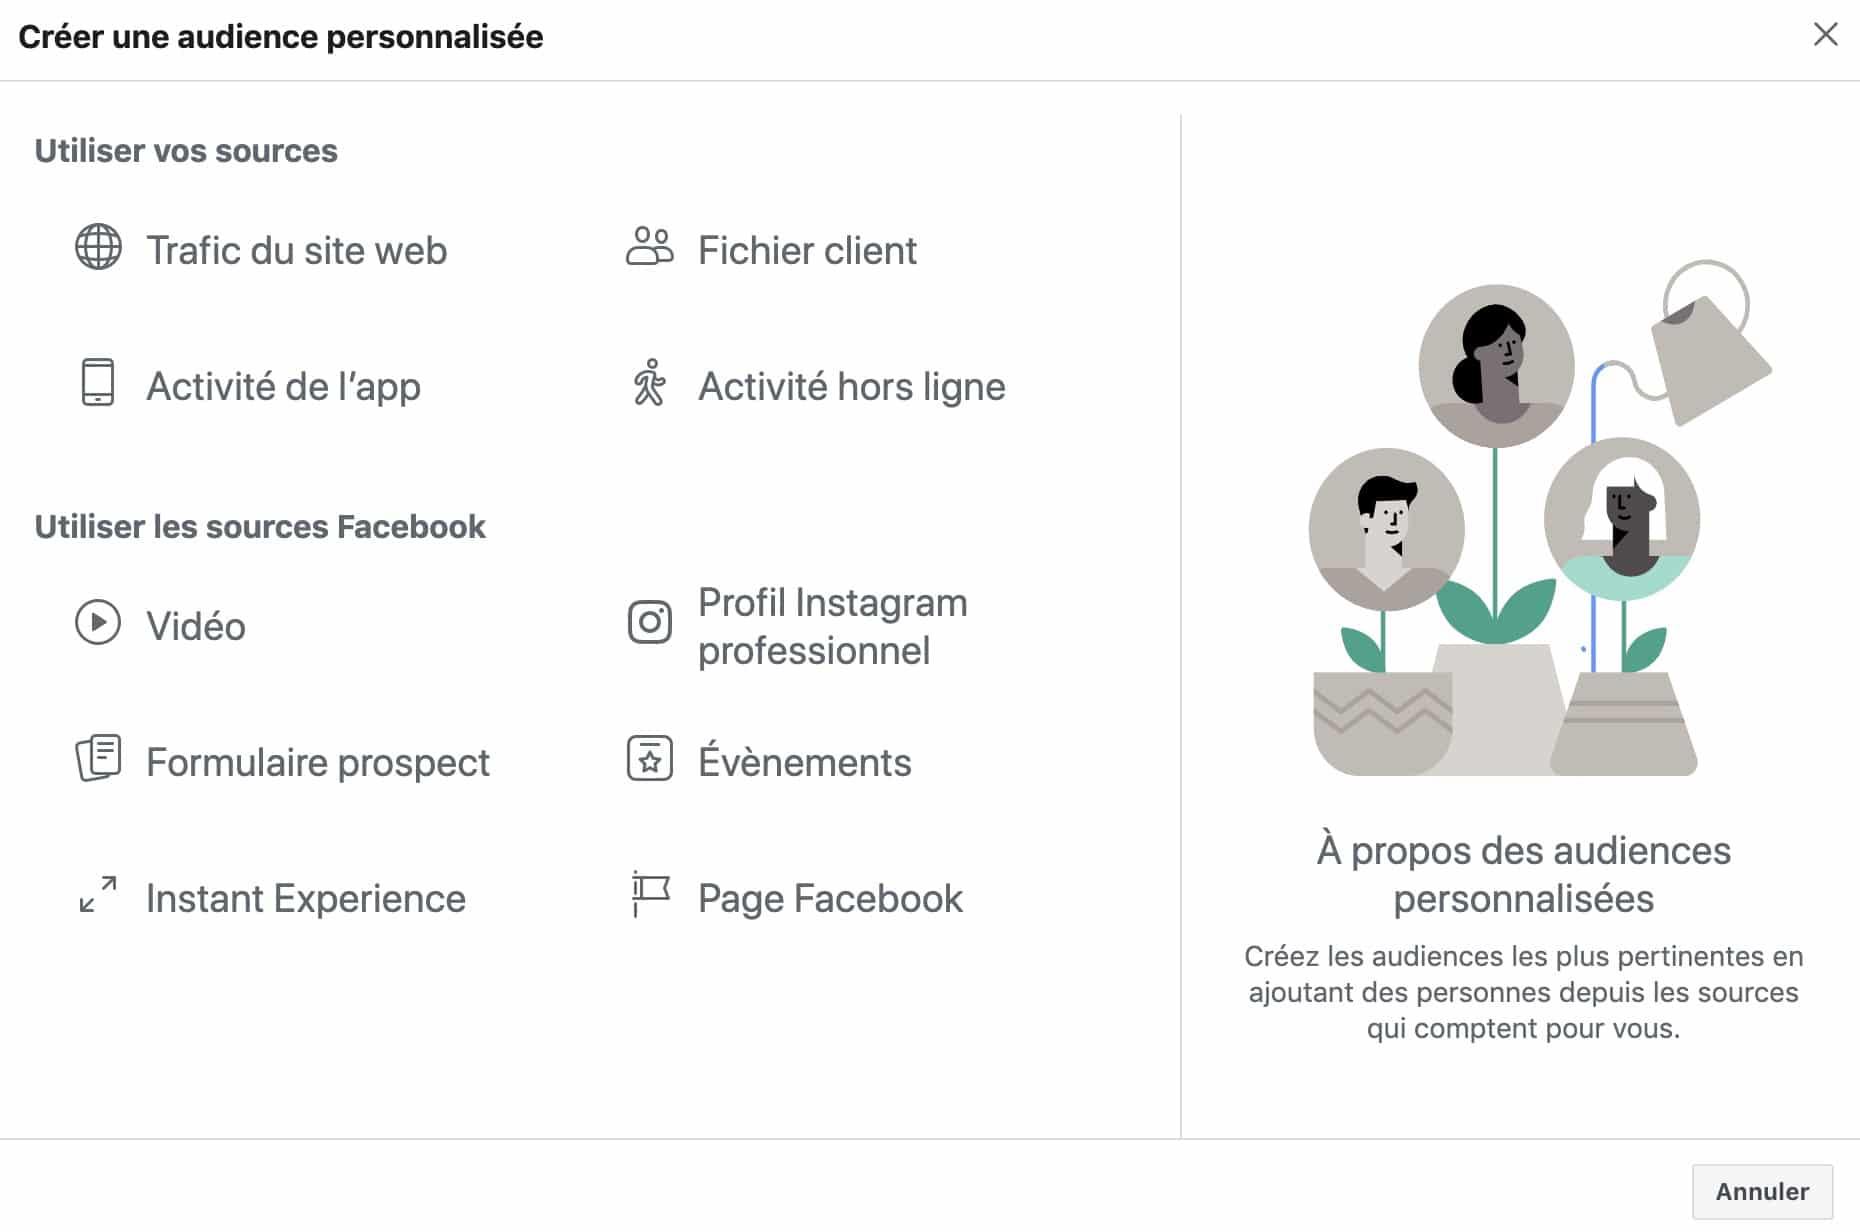 créer une audience personnalisé basée sur la page Facebook pour vos publicités Facebook